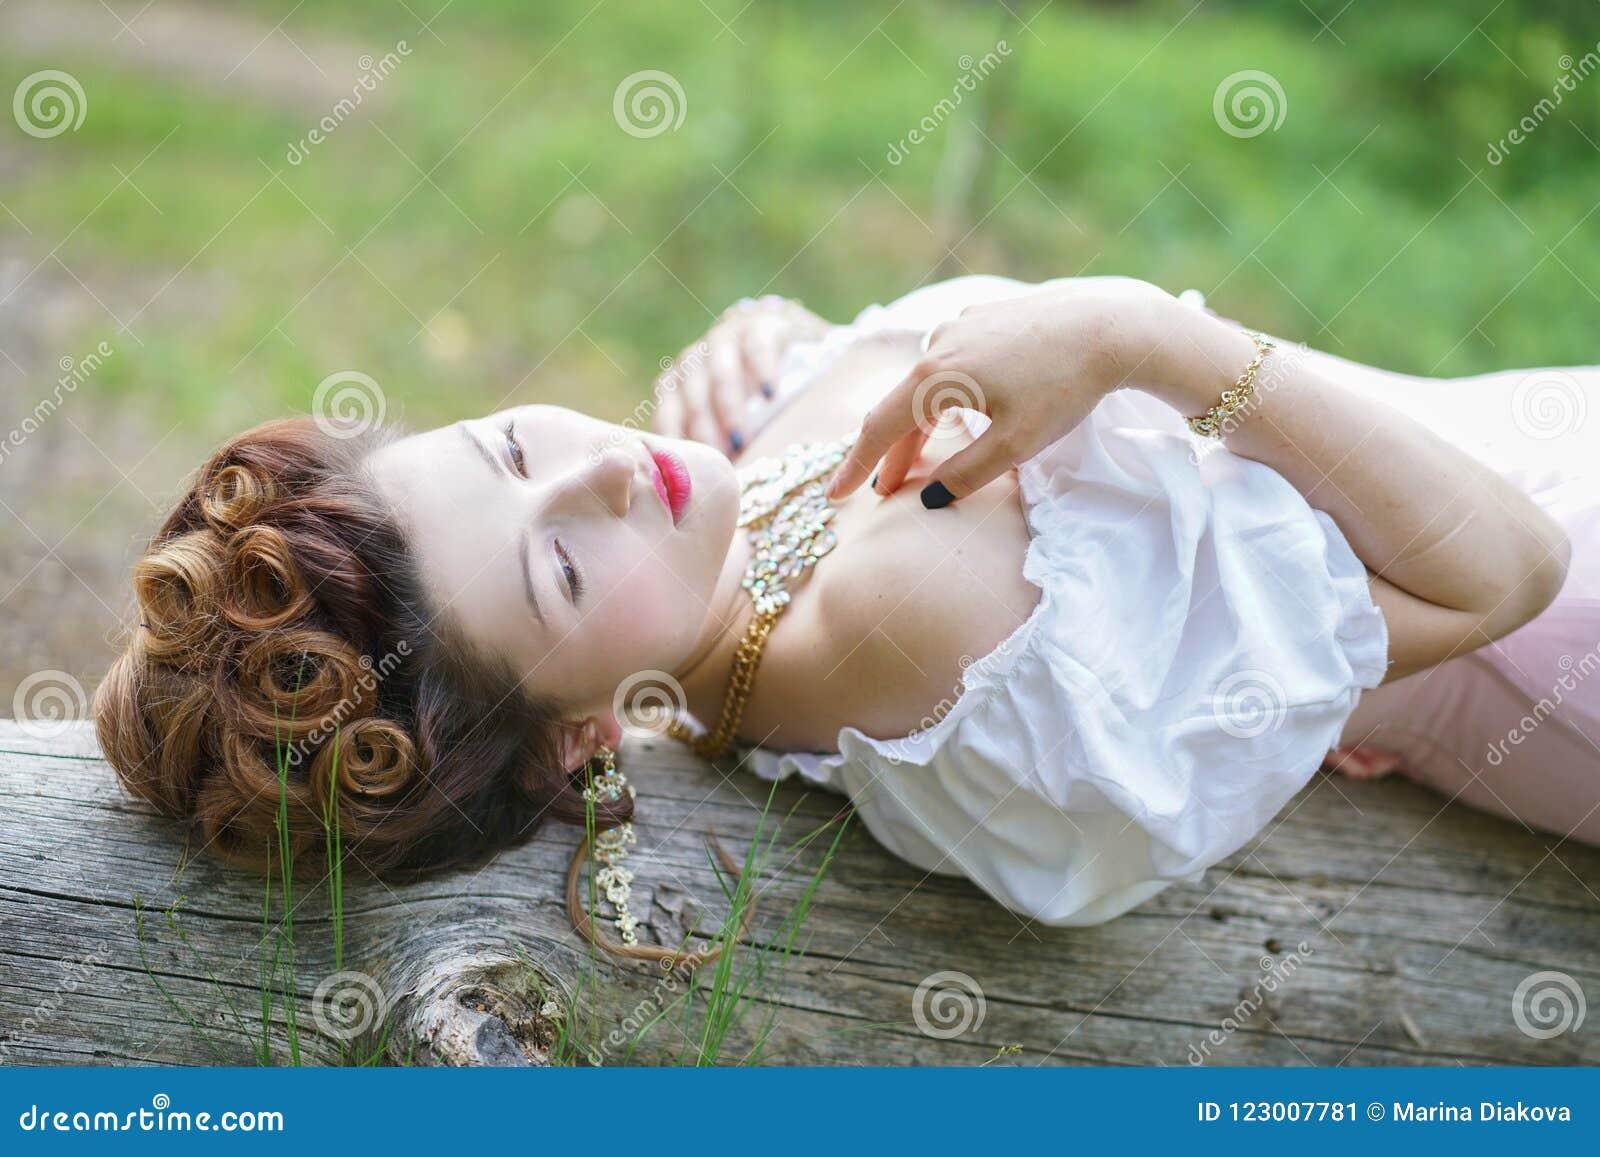 Piękna młoda pyzata dziewczyna pozuje w średniowiecznym retro gorseciku i białej rocznik bieliźnie w lesie